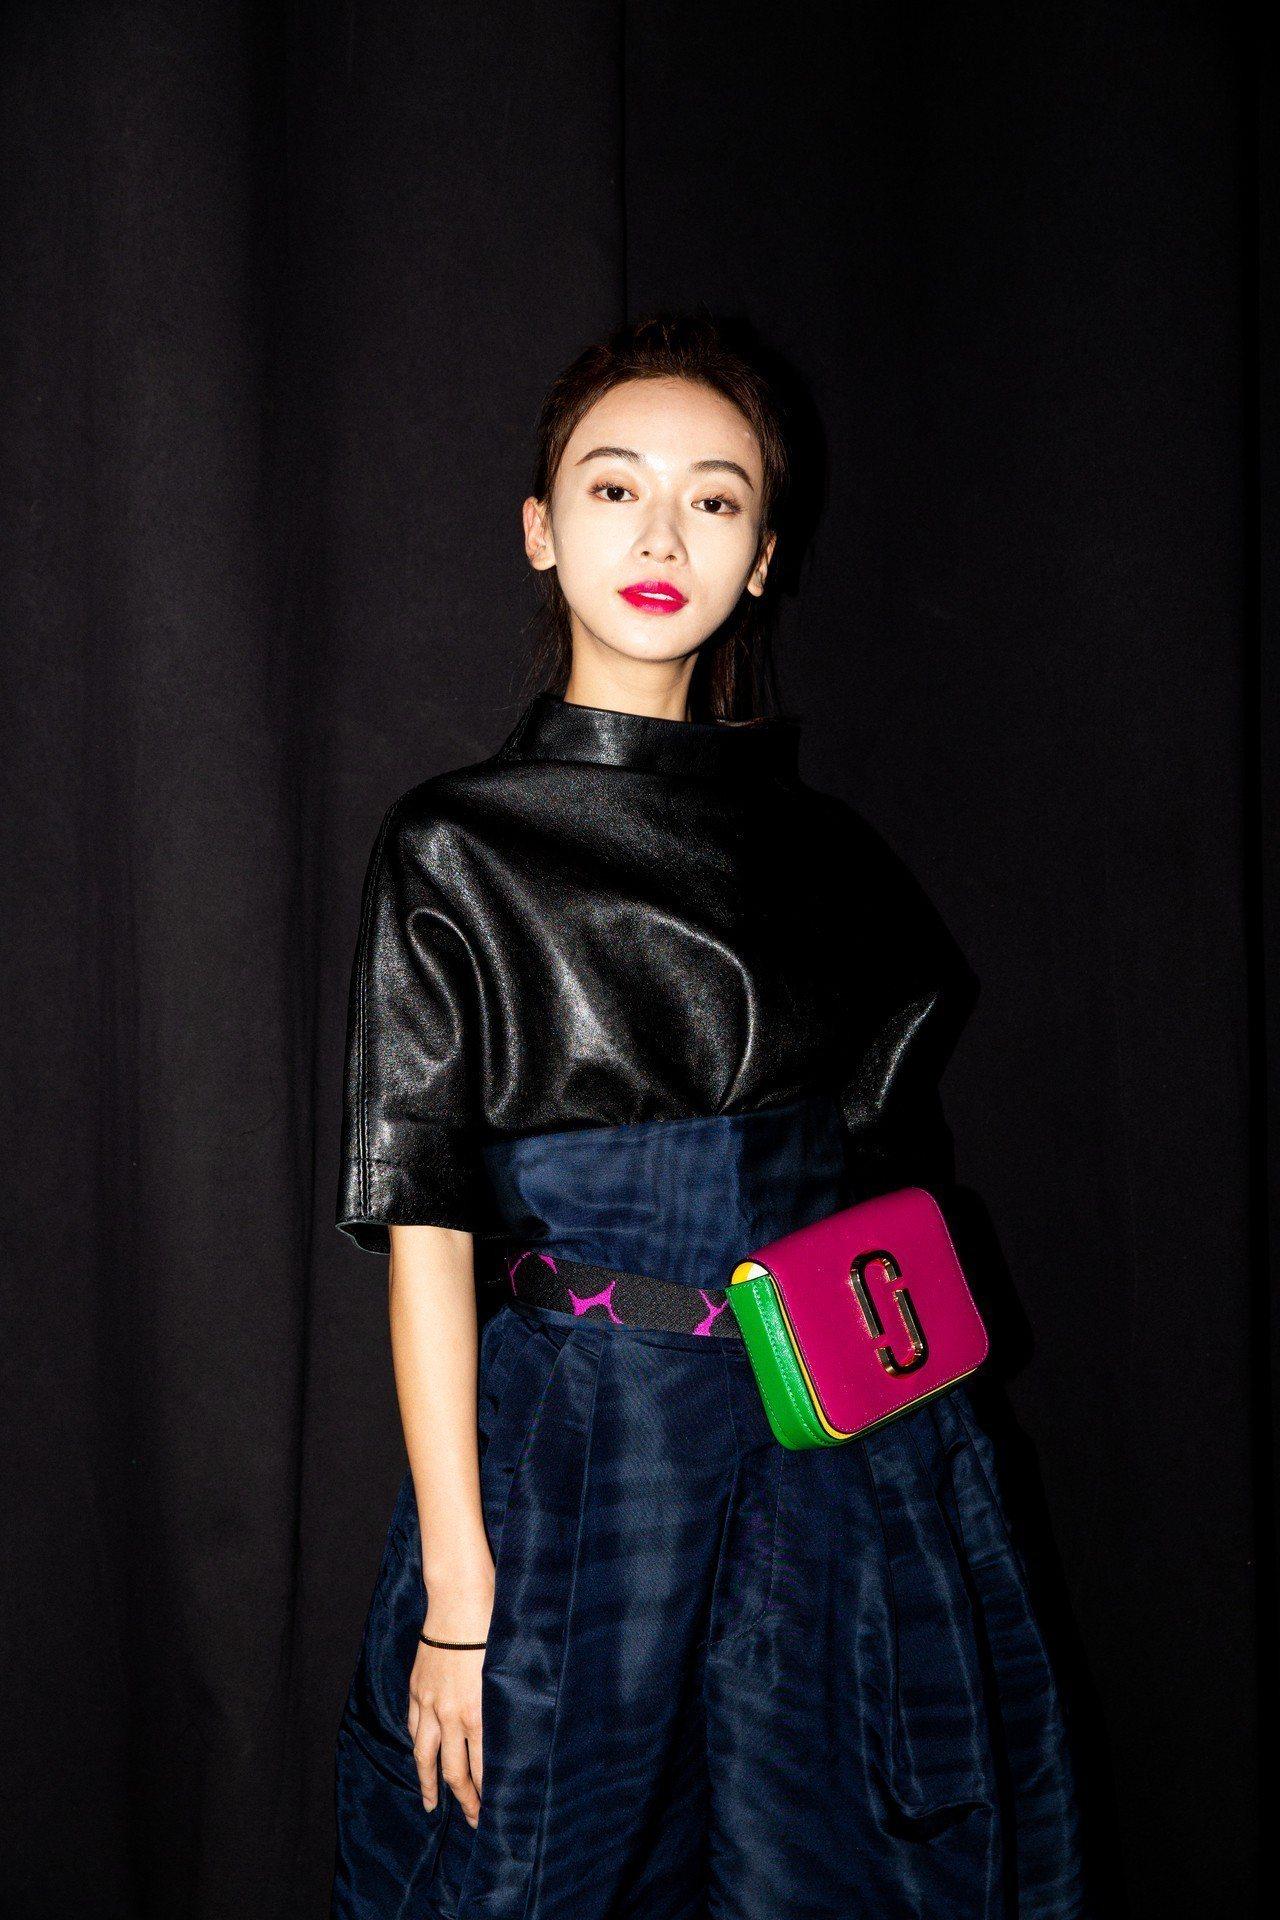 近期話題度最高的吳謹言參與了紐約時裝周的壓軸大秀。圖/MARC JACOBS提供